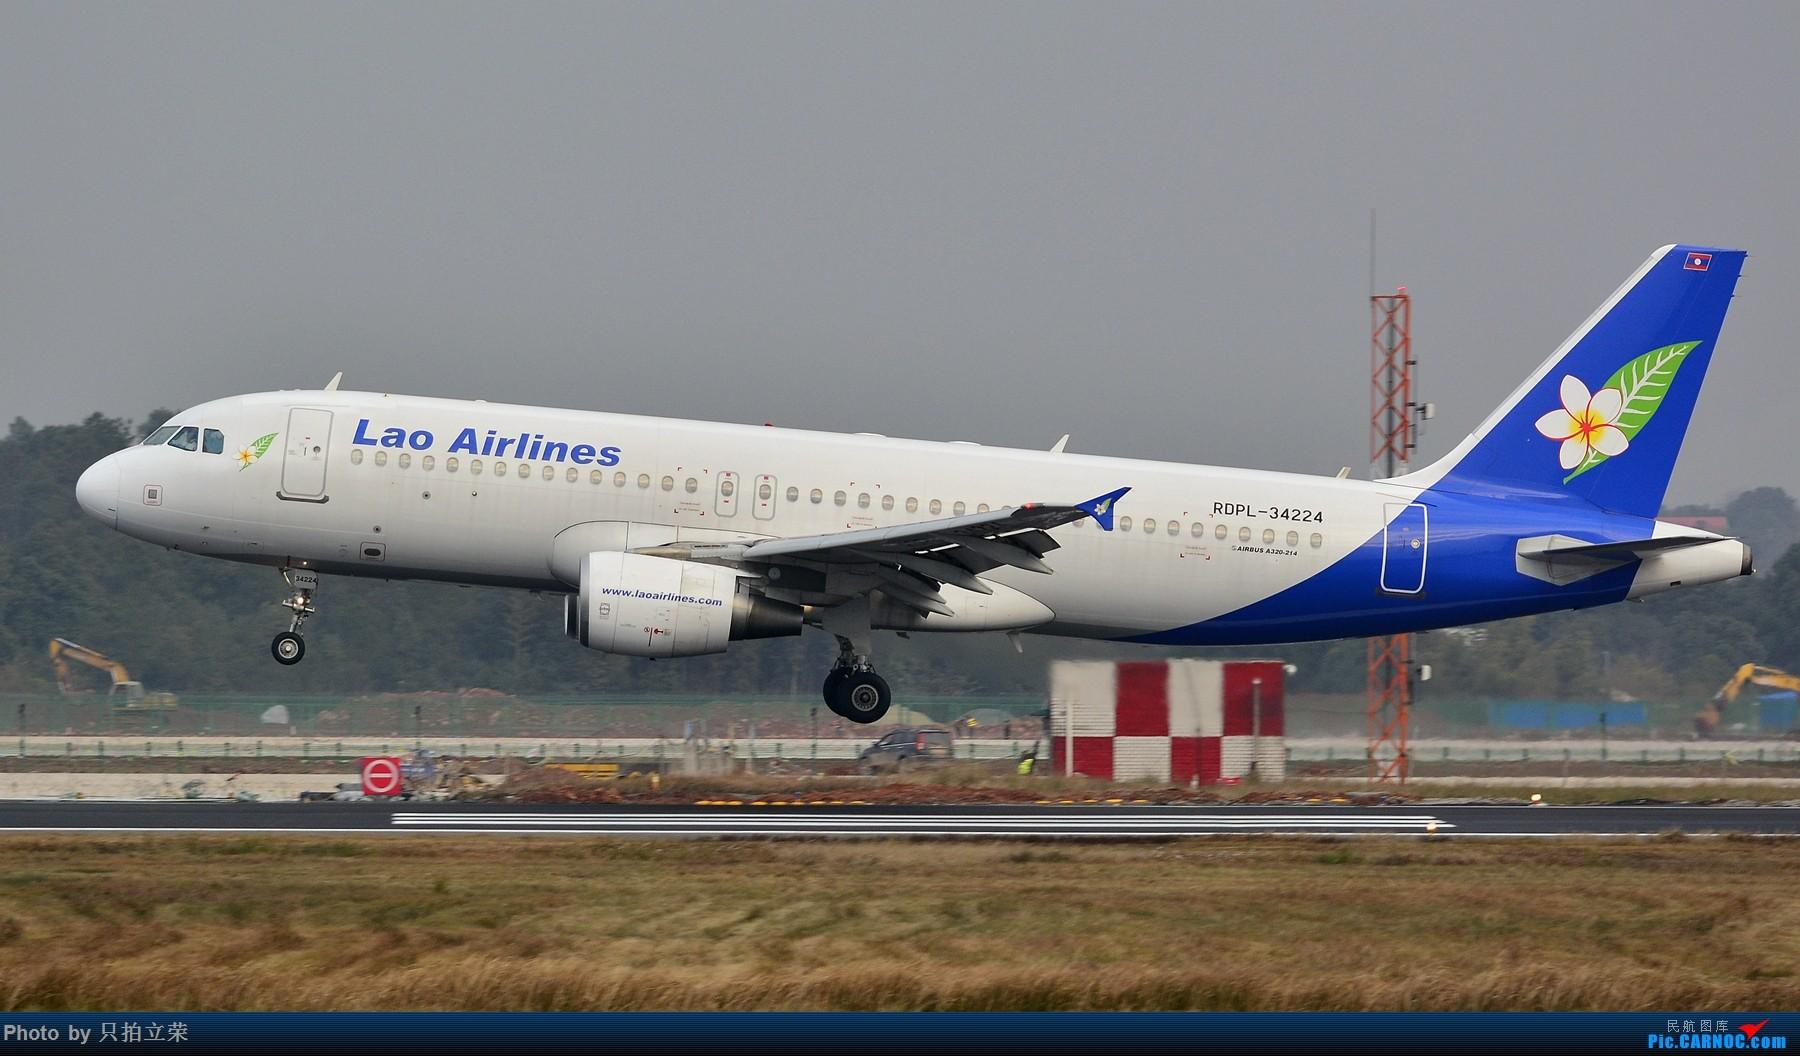 Re:[原创]长沙飞友会之--很久没拍机了,只拍立荣重回黄花! AIRBUS A320-200 RDPL-34224 中国长沙黄花国际机场